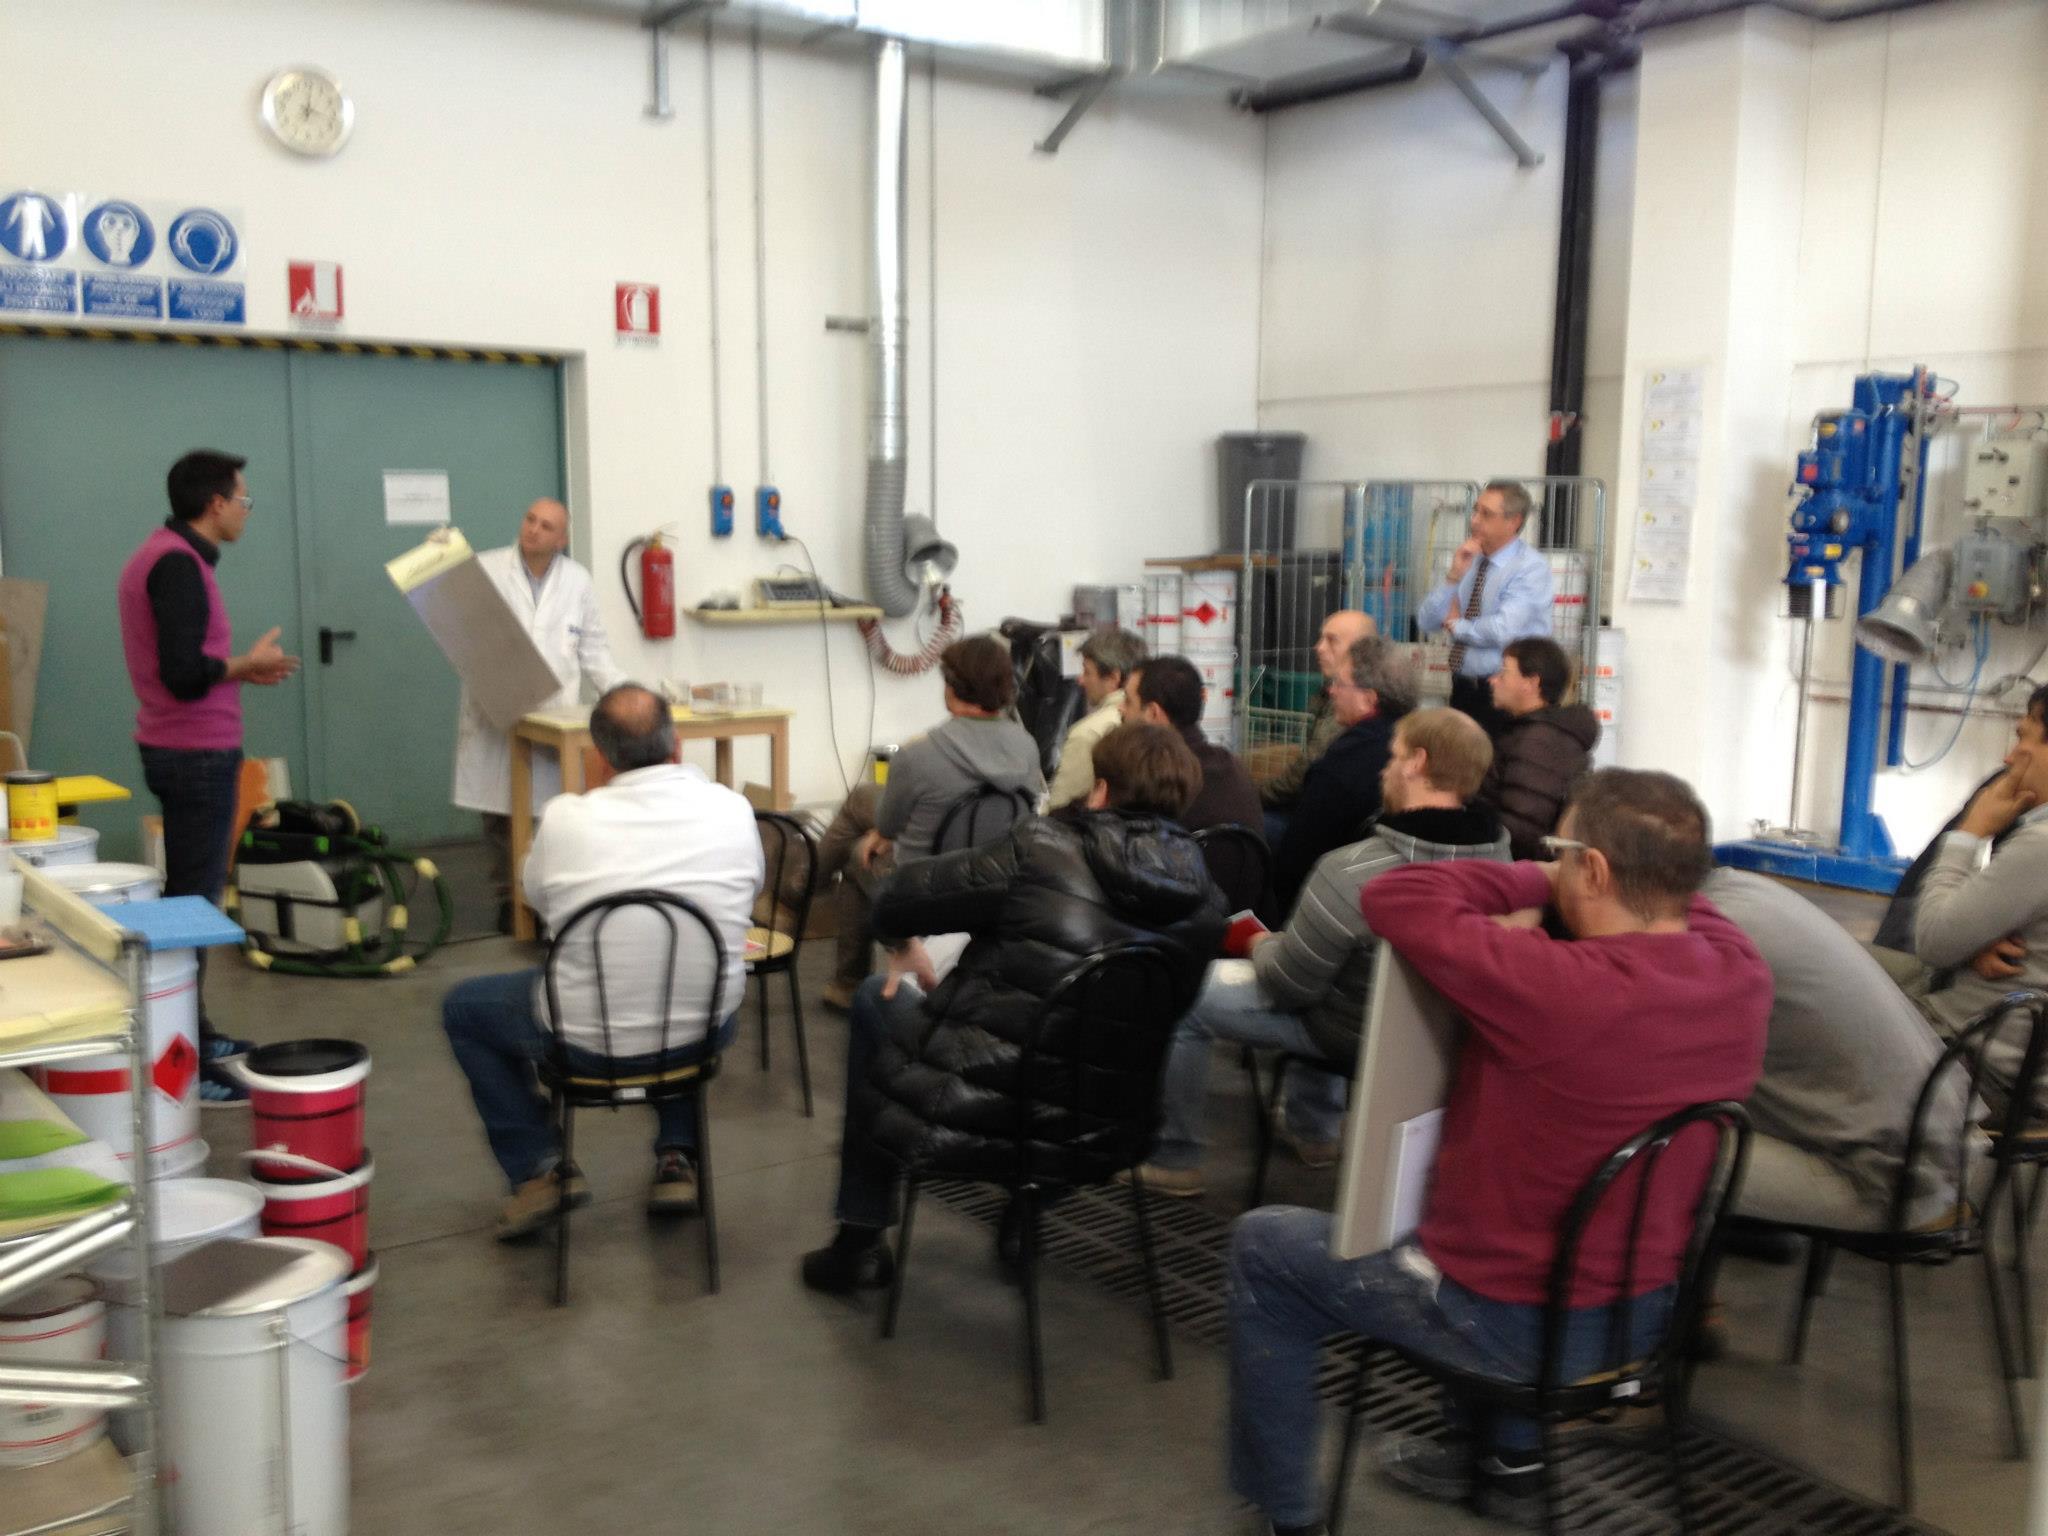 Presentazione dei prodotti Elekta